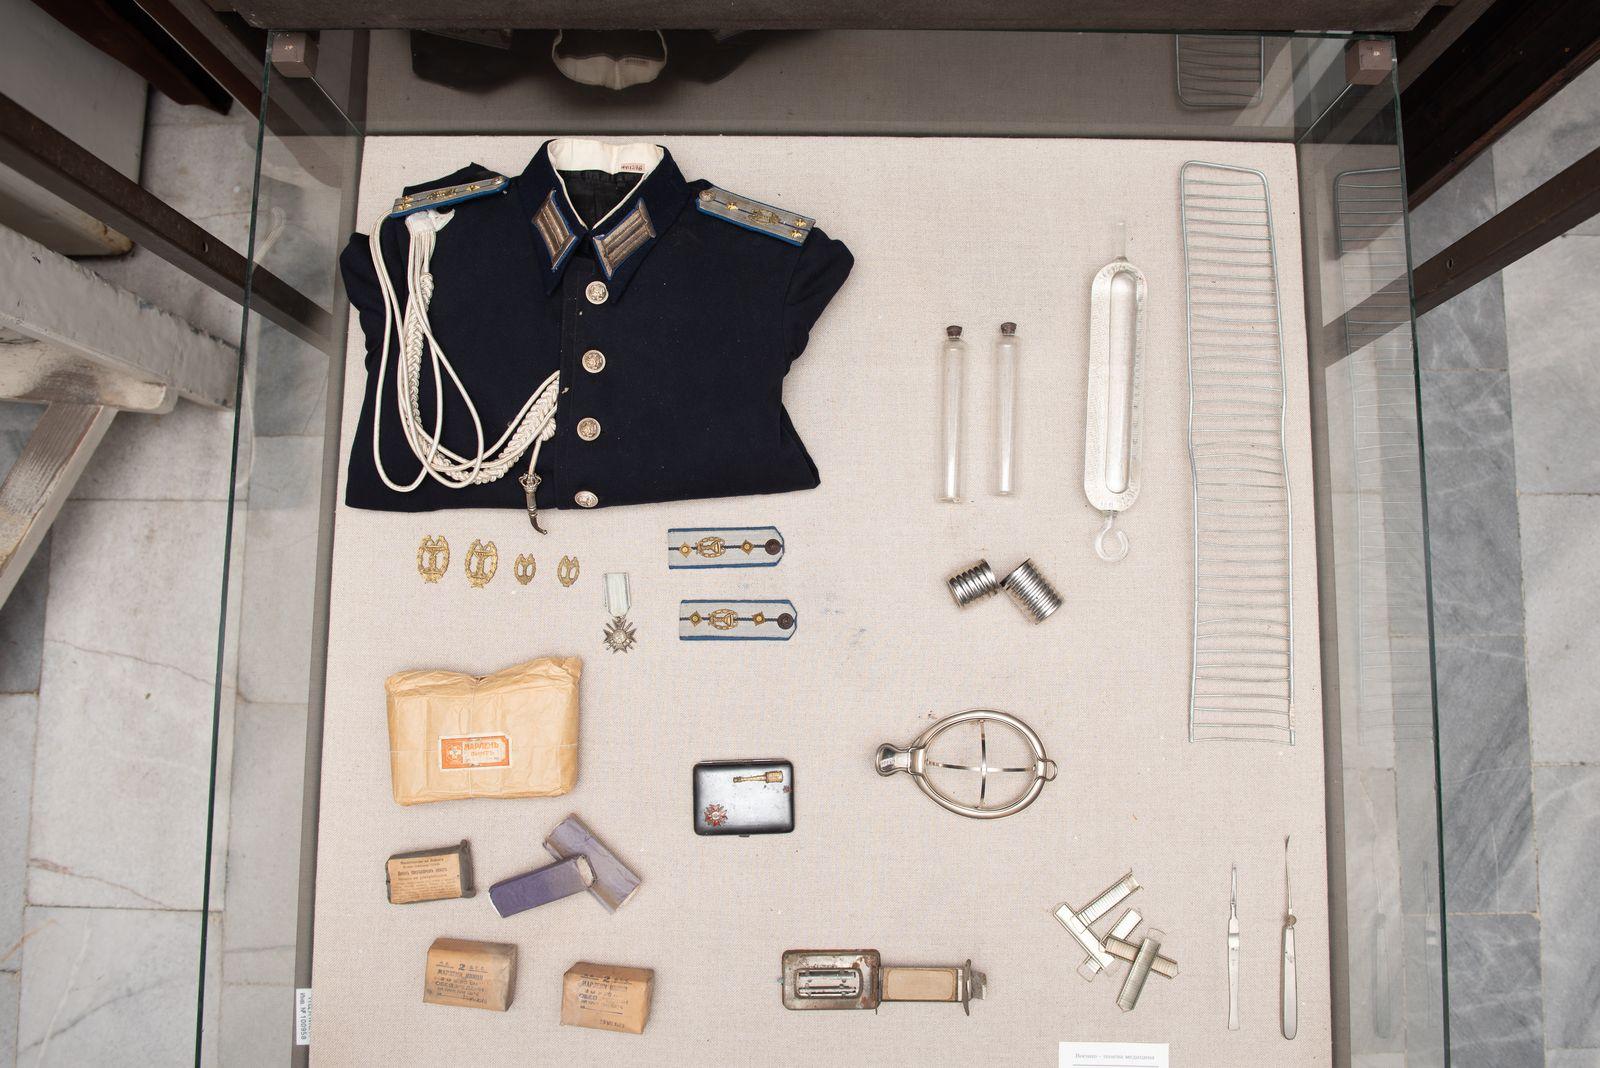 Muzei66_Военна униформа на лекар, пагони, орден, медицински инструменти и предмети, санитарни пакети